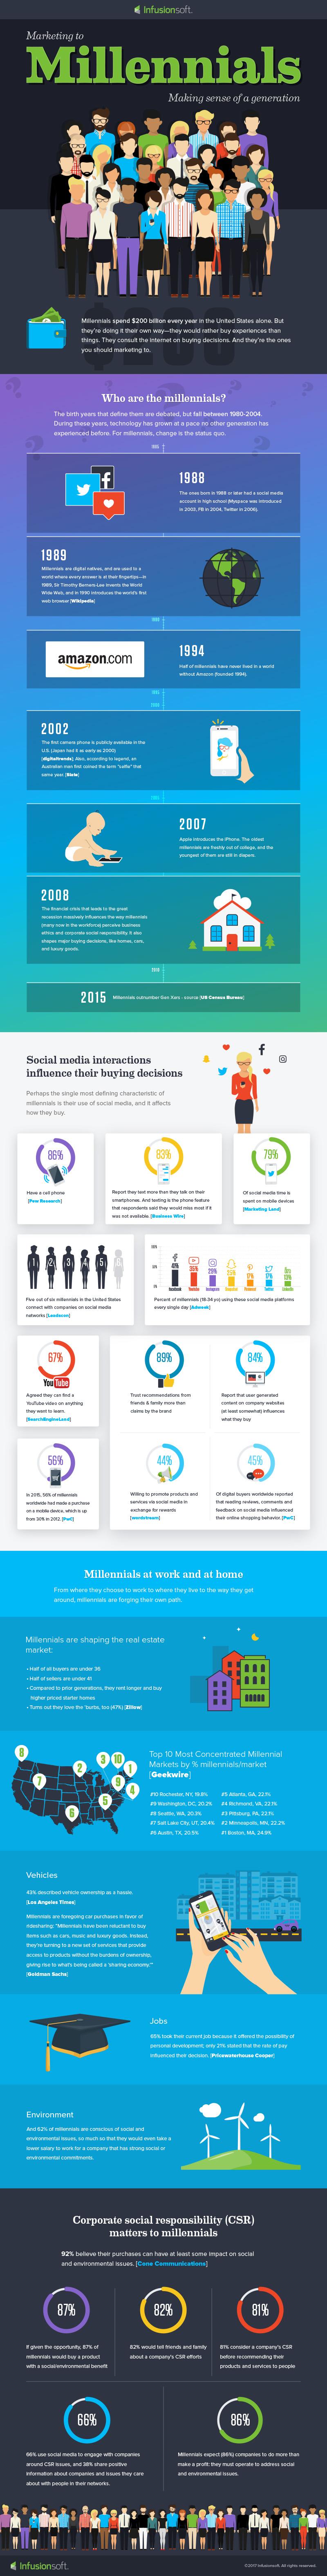 millenials-infographic-final.jpg